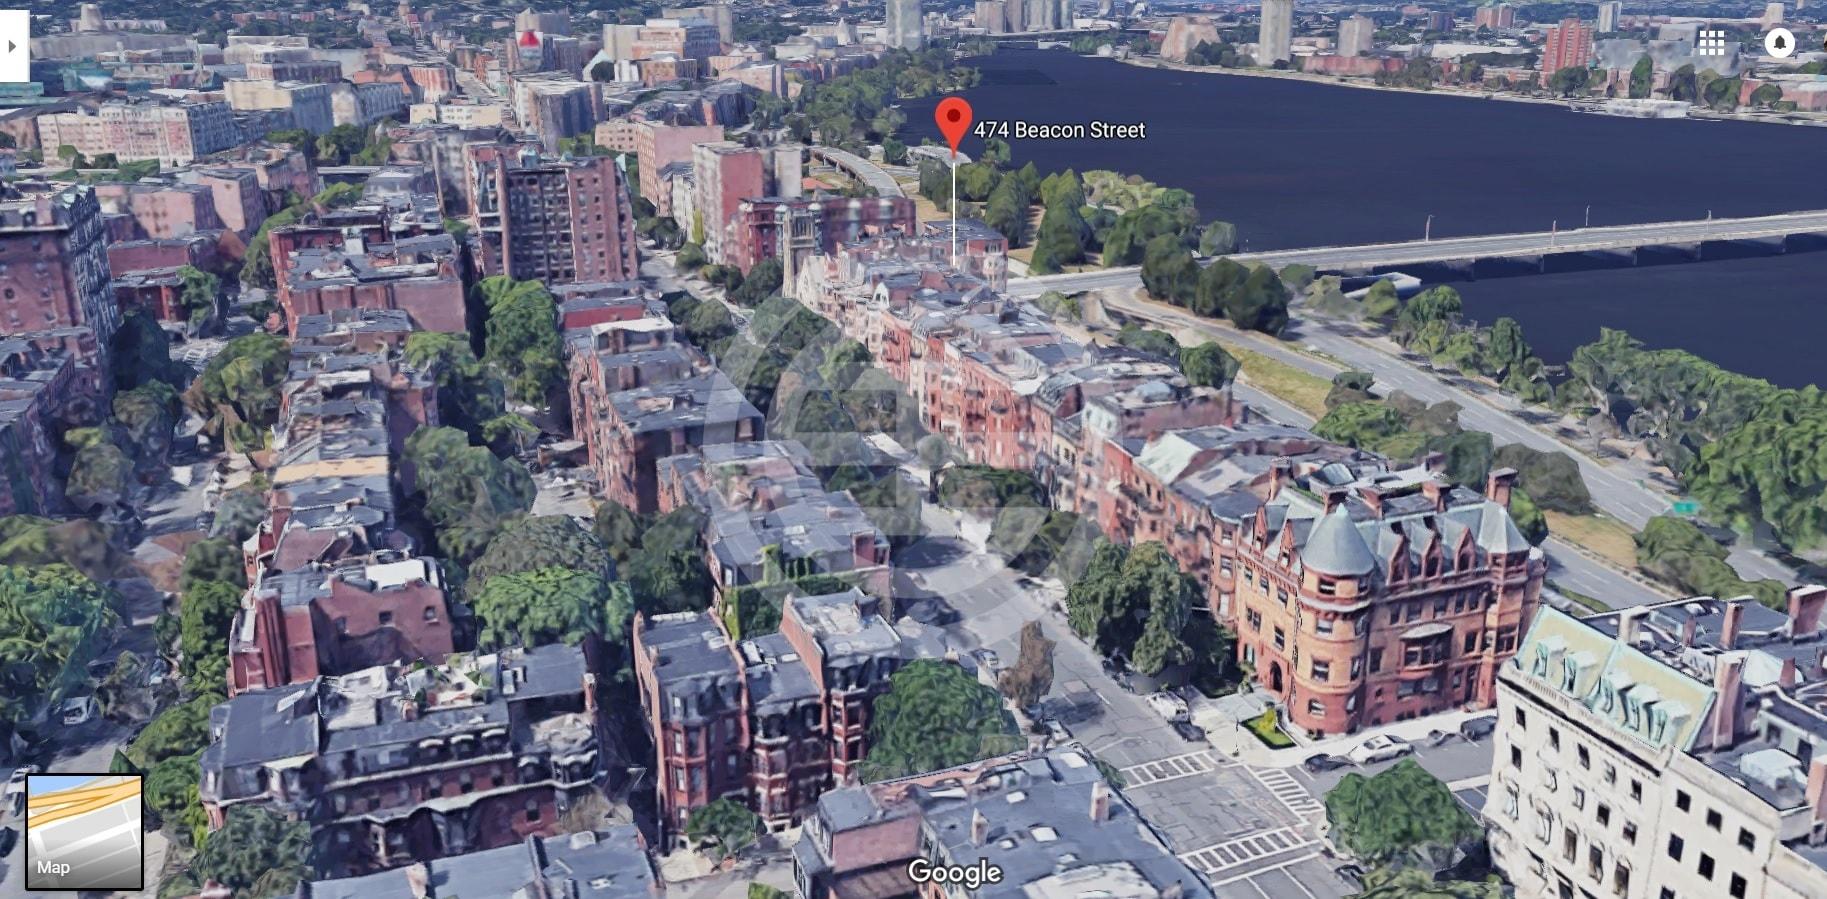 谷歌地图截图:波士顿查尔斯河畔的贝肯街(Beacon Street)474号公寓大楼